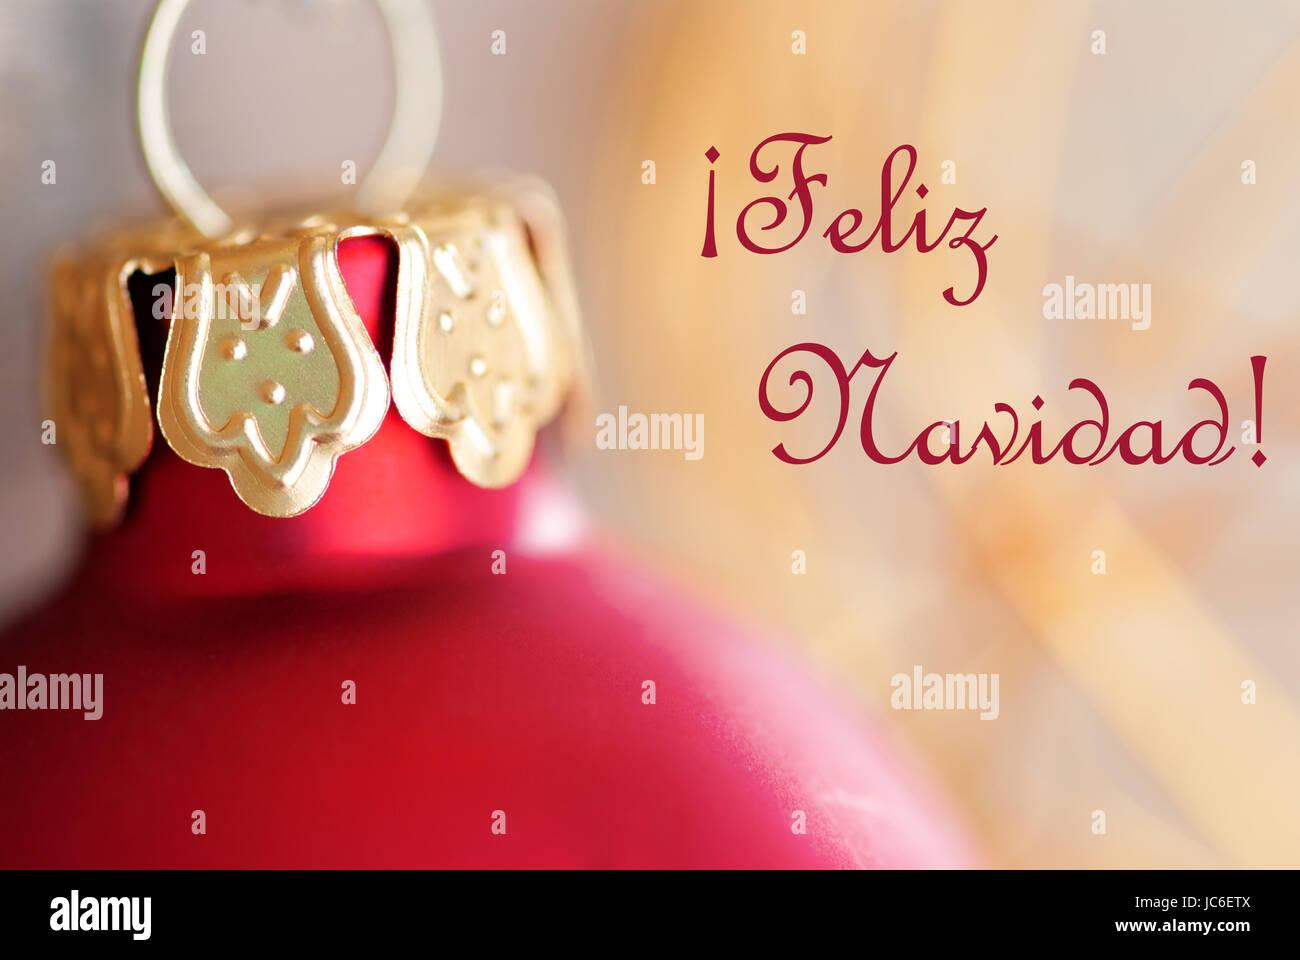 Buon Natale Que Significa.Red Palla Di Natale Decorazione Con Parole Spagnole Feliz Navidad